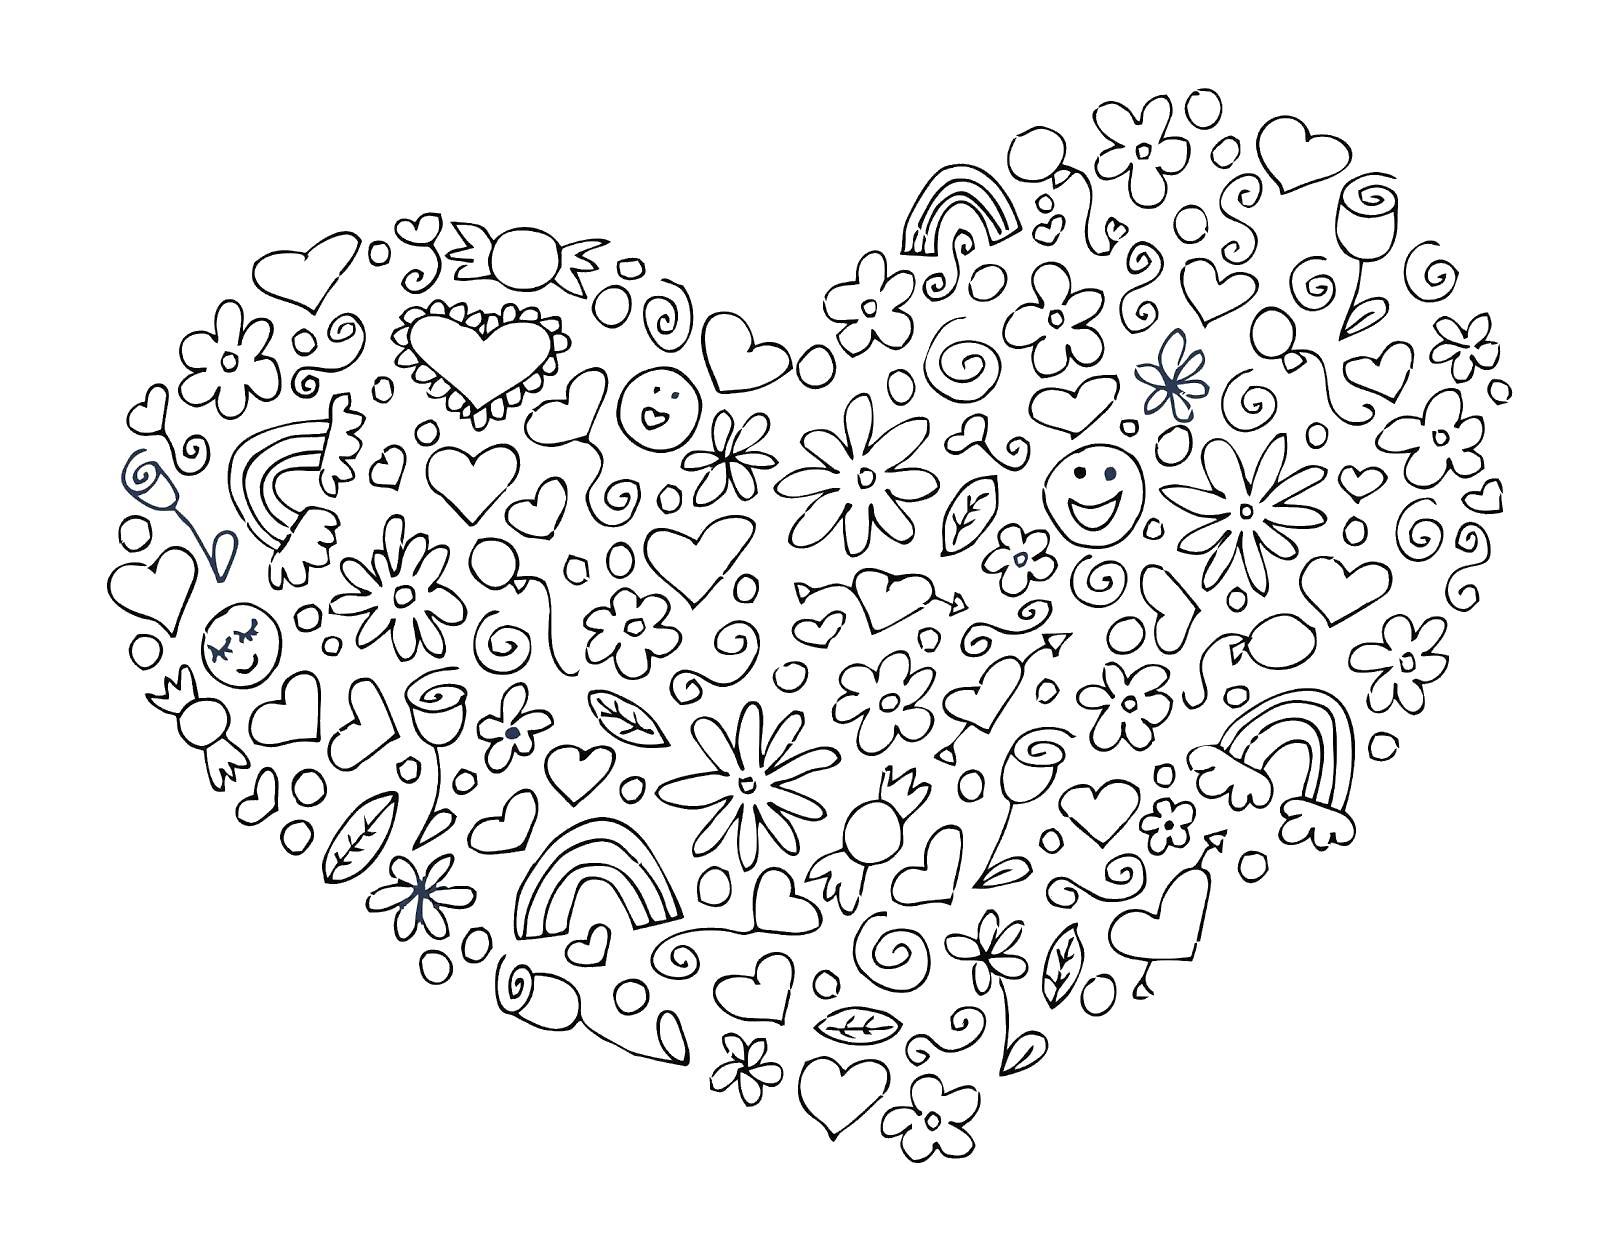 Сложная раскраска для детей с сердечками и смайлами Раскраски для взрослых скачать